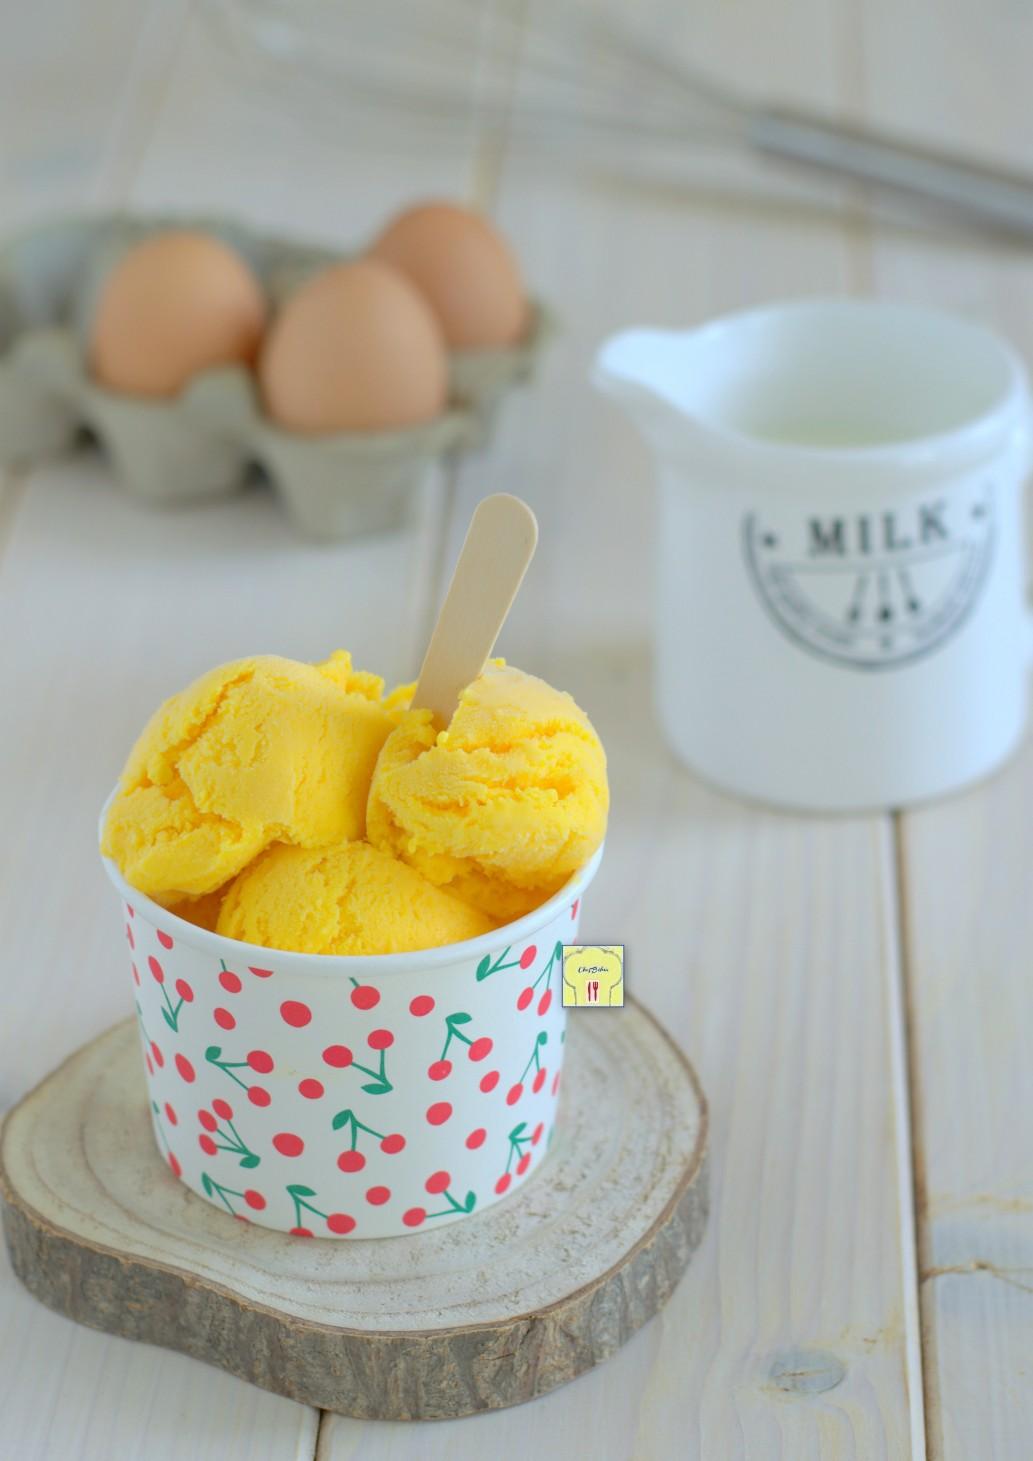 gelato alla crema senza gelatiera gp